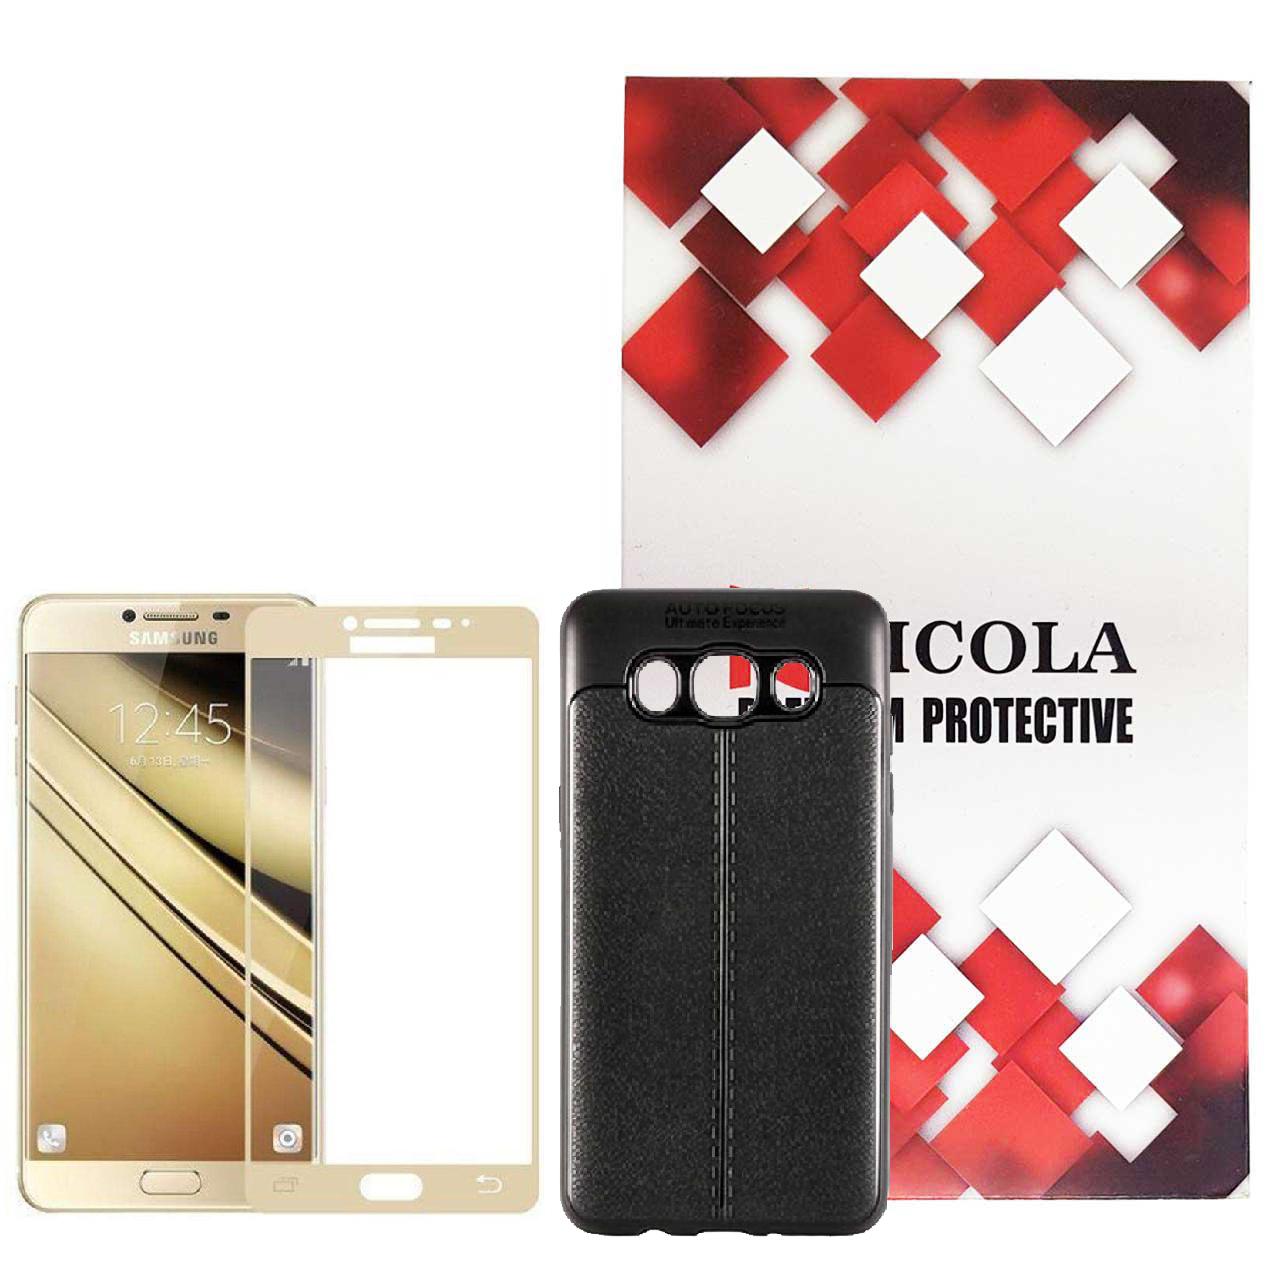 کاور نیکلا مدل N_ATOG مناسب برای گوشی موبایل سامسونگ Galaxy J7 2016 به همراه محافظ صفحه نمایش